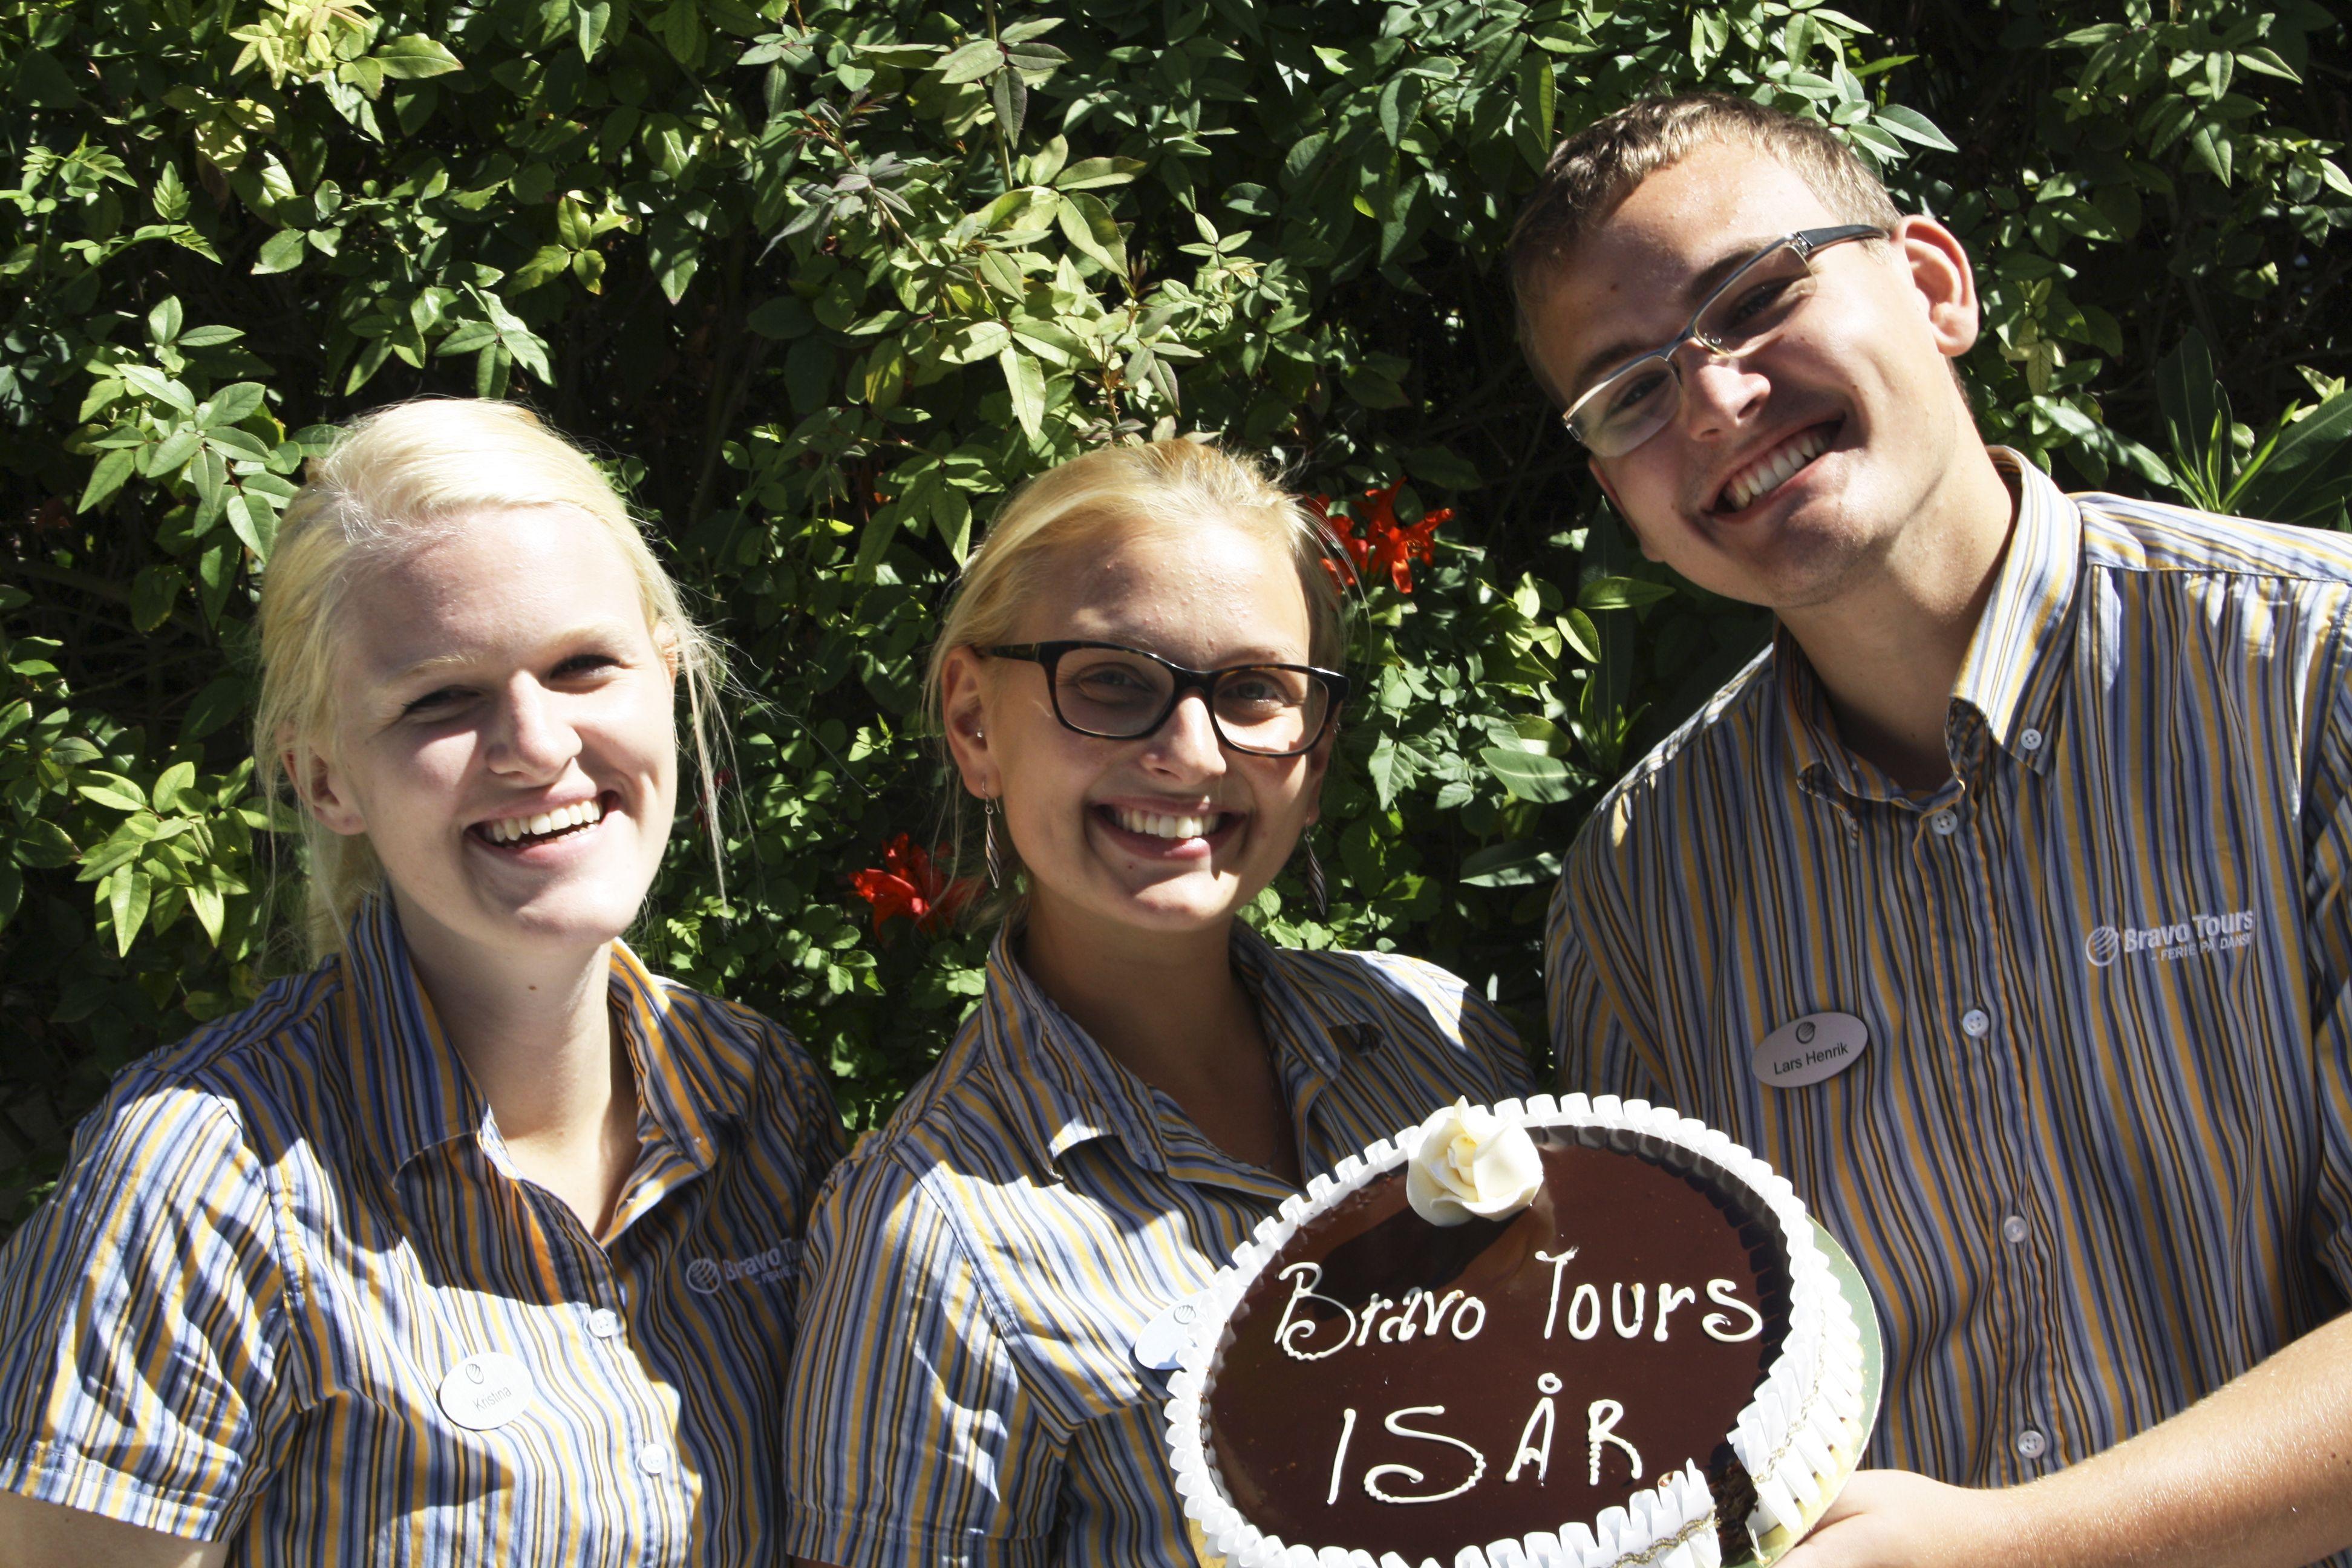 Bravo Tours fylder 15 år! Billedet er fra Tunesien, hvor vores fantastiske rejseledere fejrer vores fødselsdag.  #BravoTours #Rejser #Ferie